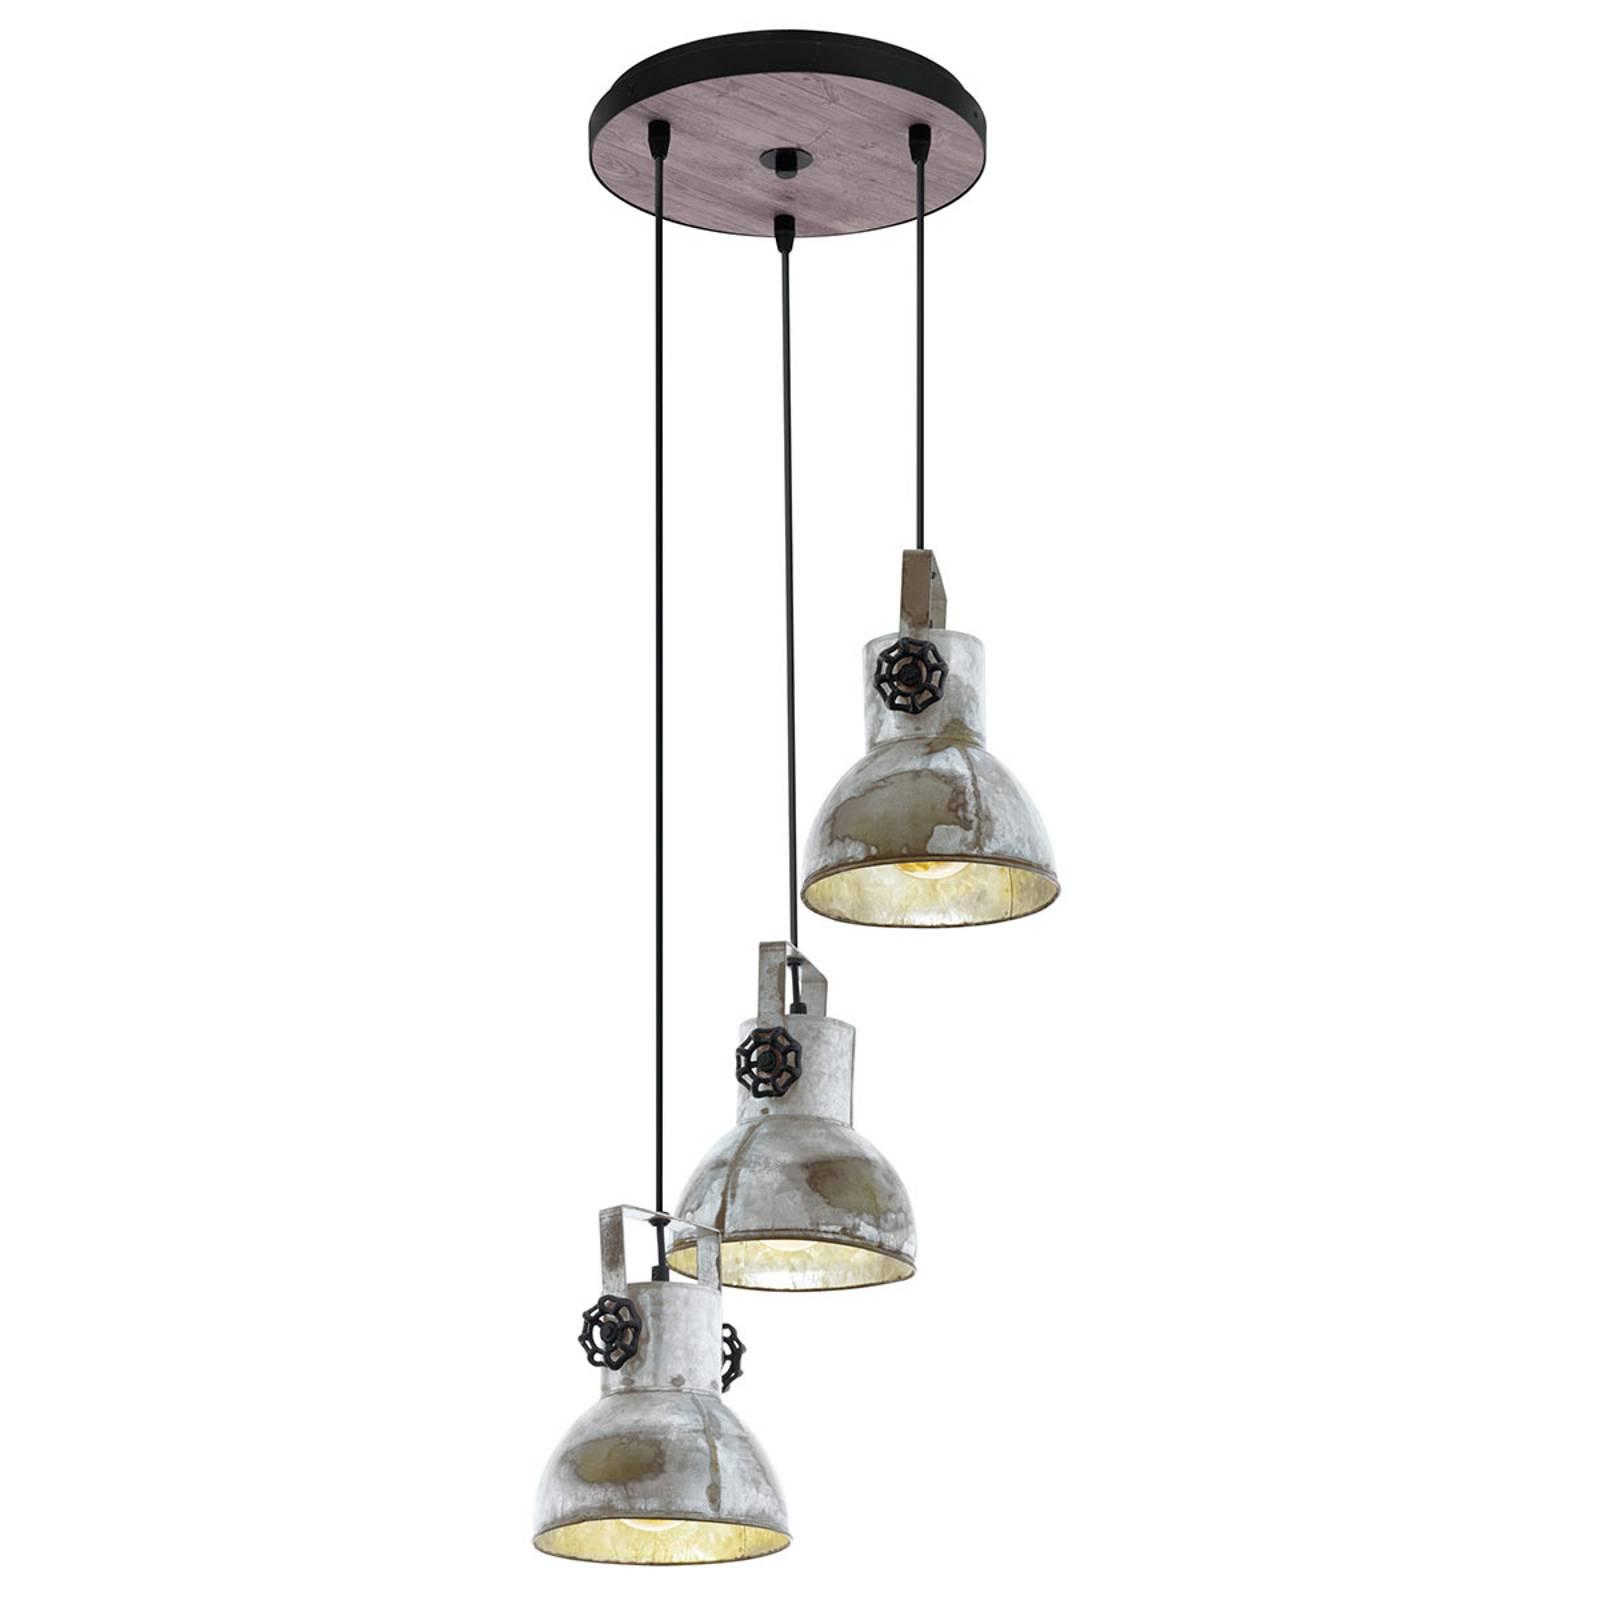 Hanglamp Barnstaple in industrie-design